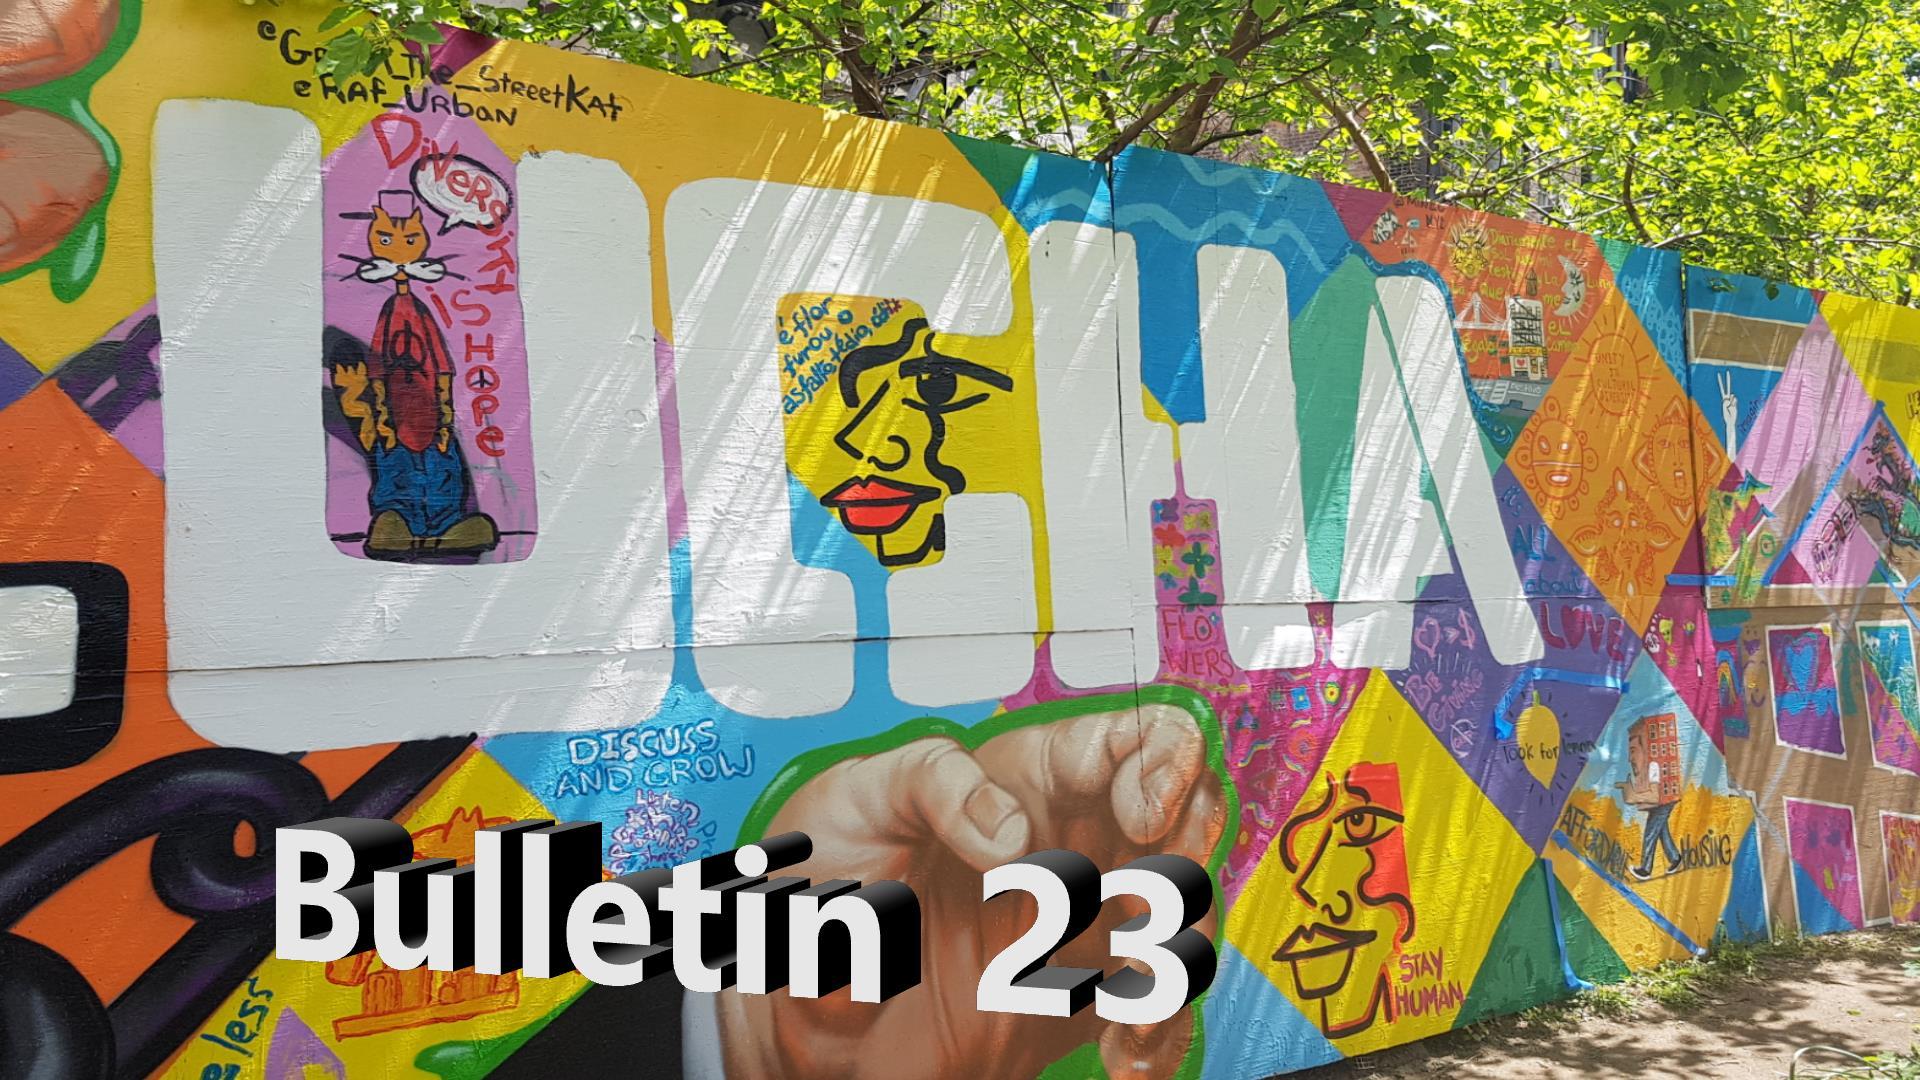 Bulletin 23, June 12